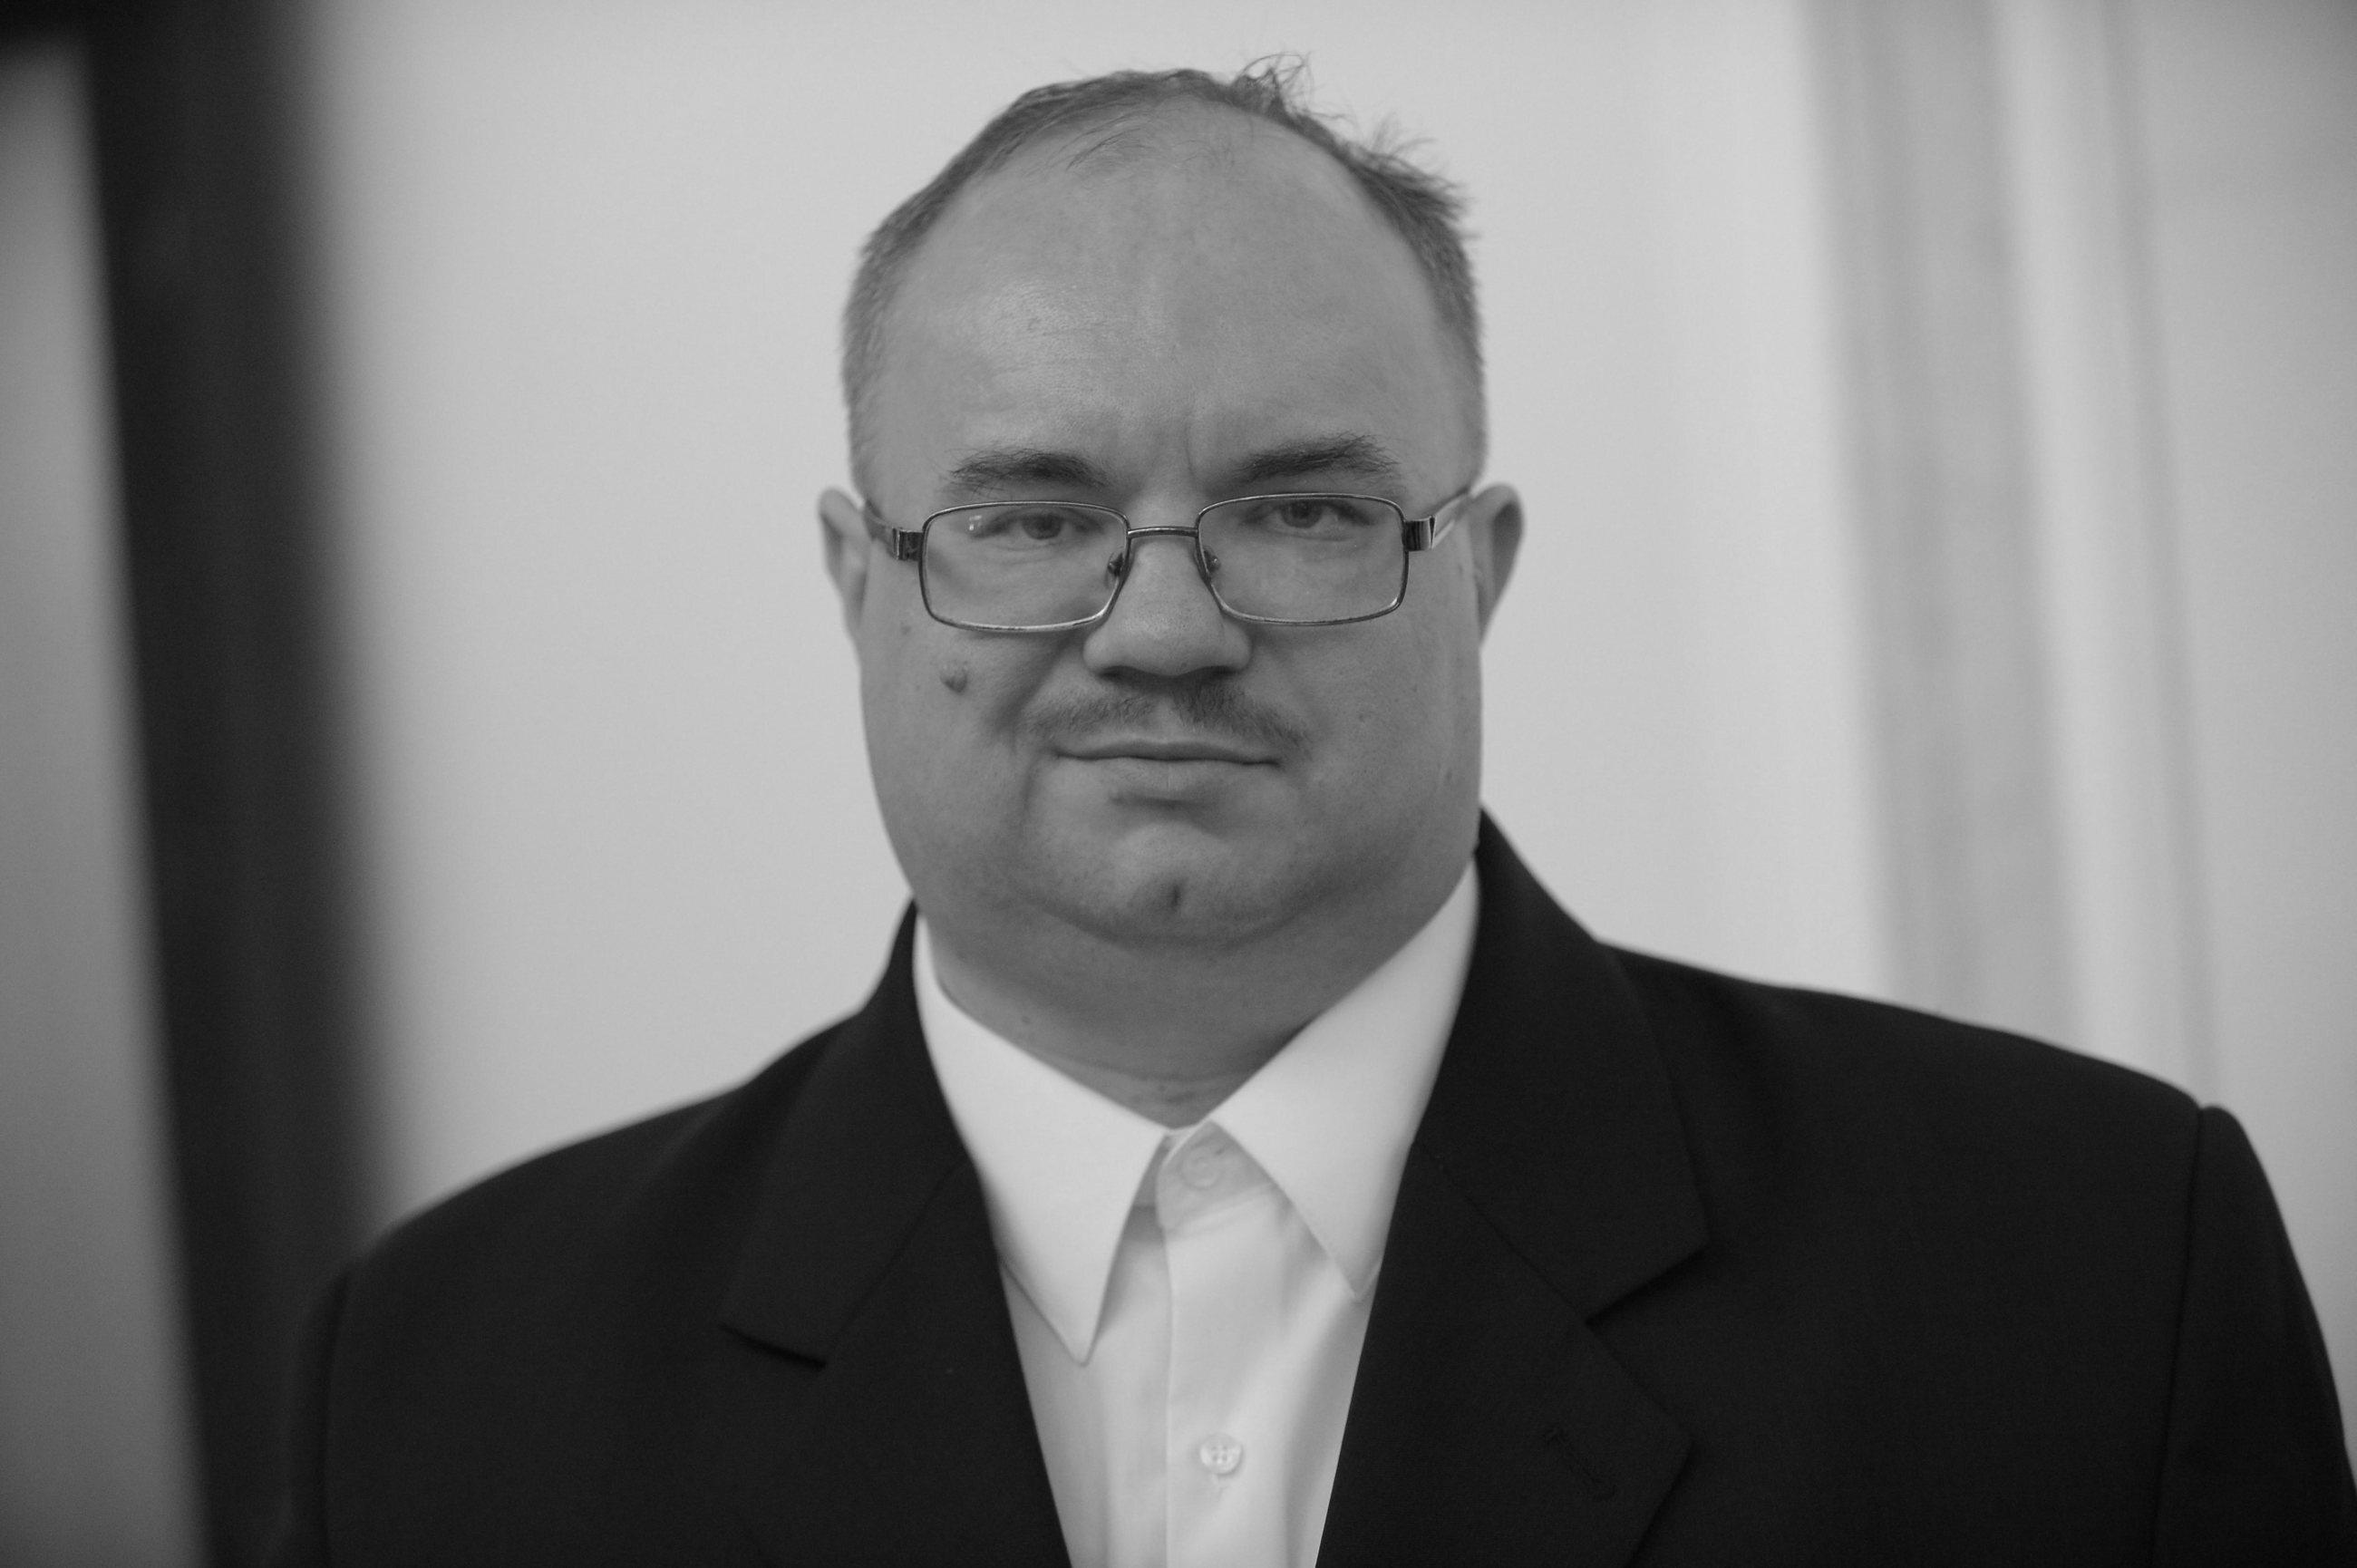 Rafał Wójcikowski – doktor nauk ekonomicznych i poseł klubu Kukiz 15'. Zginął w wypadku samochodowym 19 stycznia 2017 r.